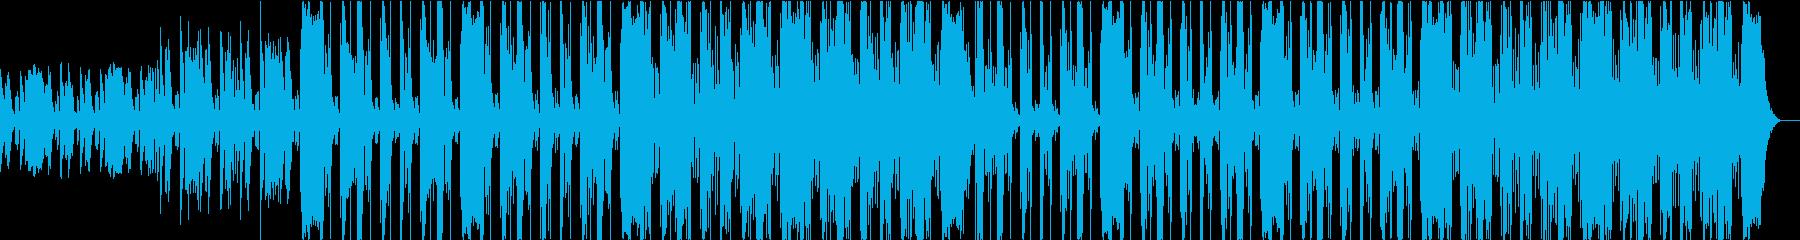 緊迫感のあるヒップホップトラックの再生済みの波形